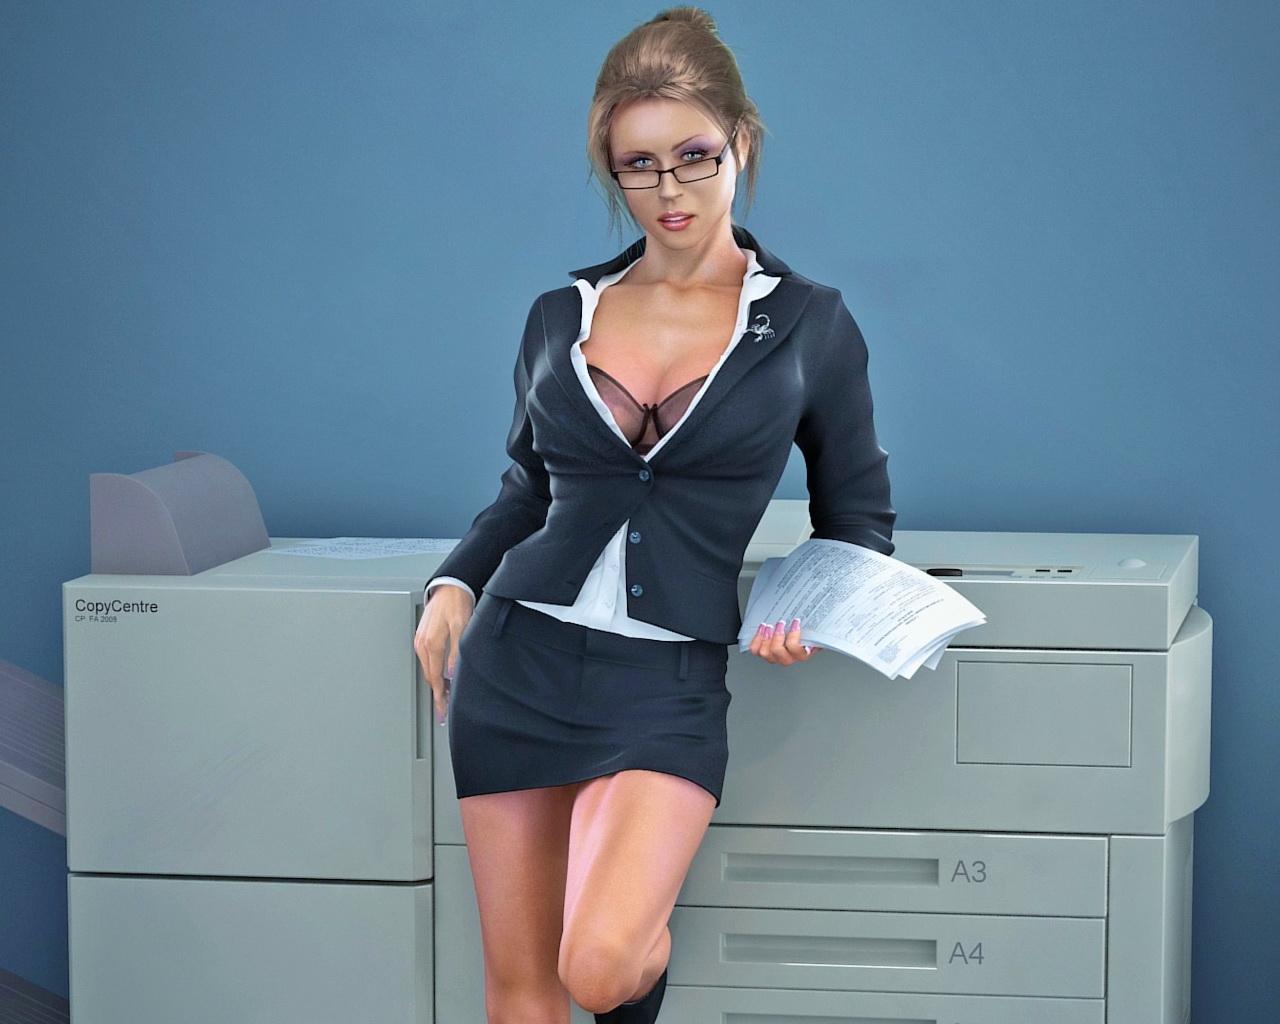 фото жены на работе - 12